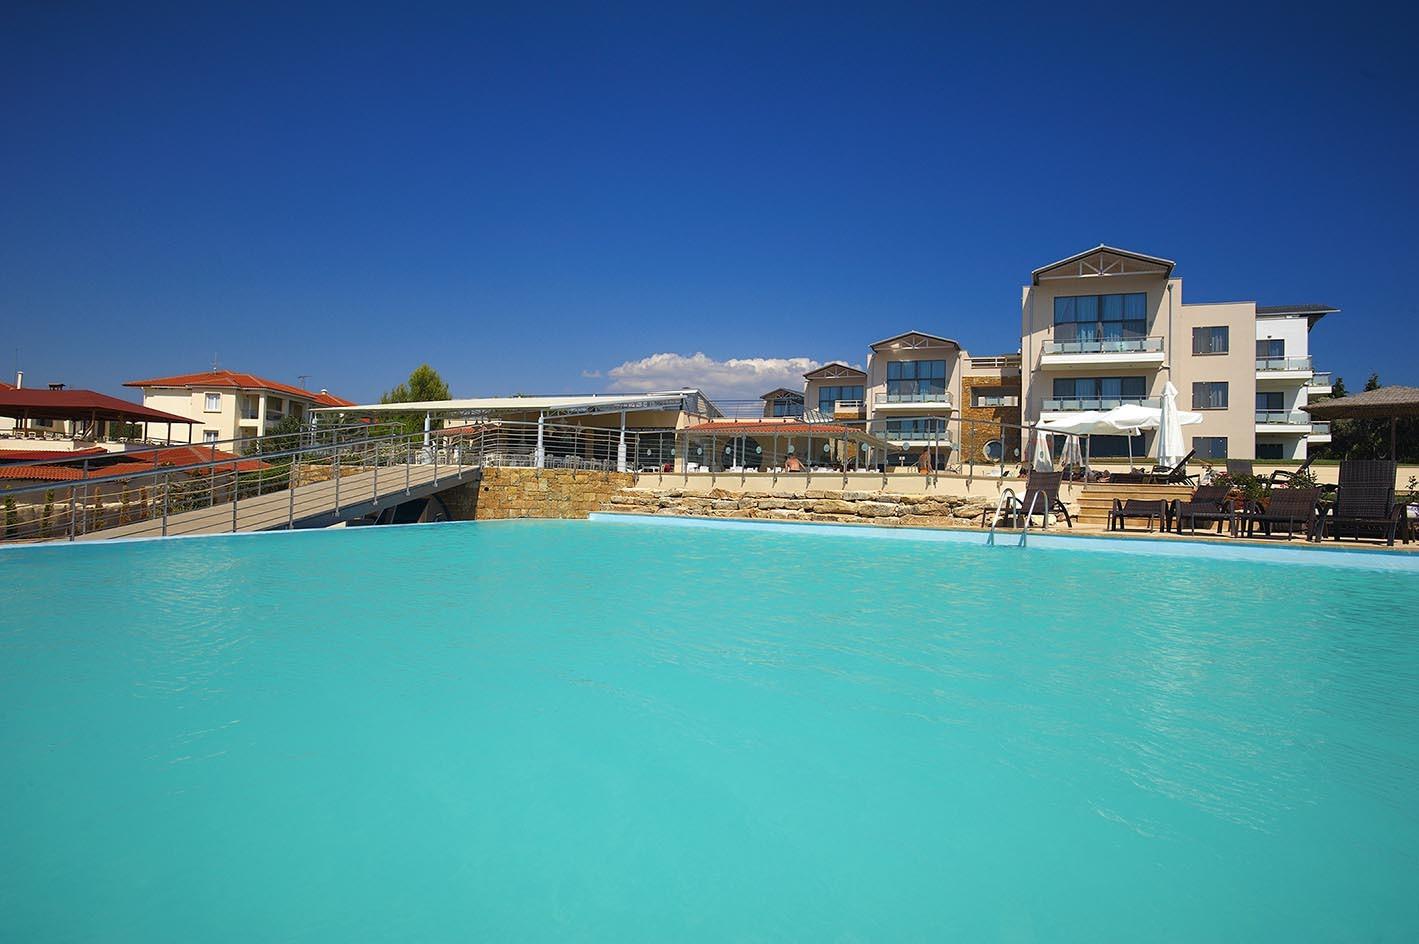 Istion Club Hotel & Spa - басейн и фасада